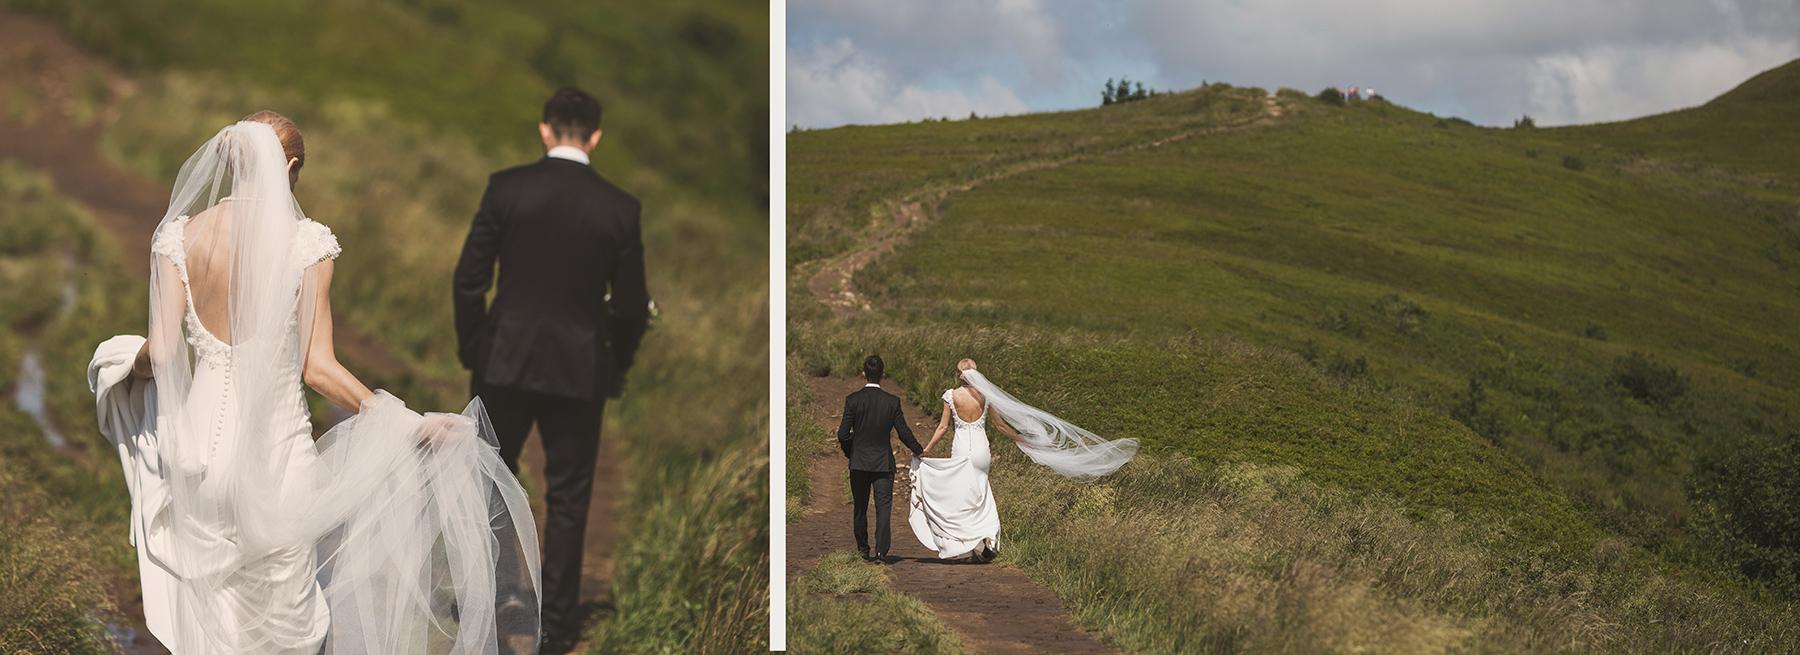 Piękna sesja ślubna w Bieszczadach